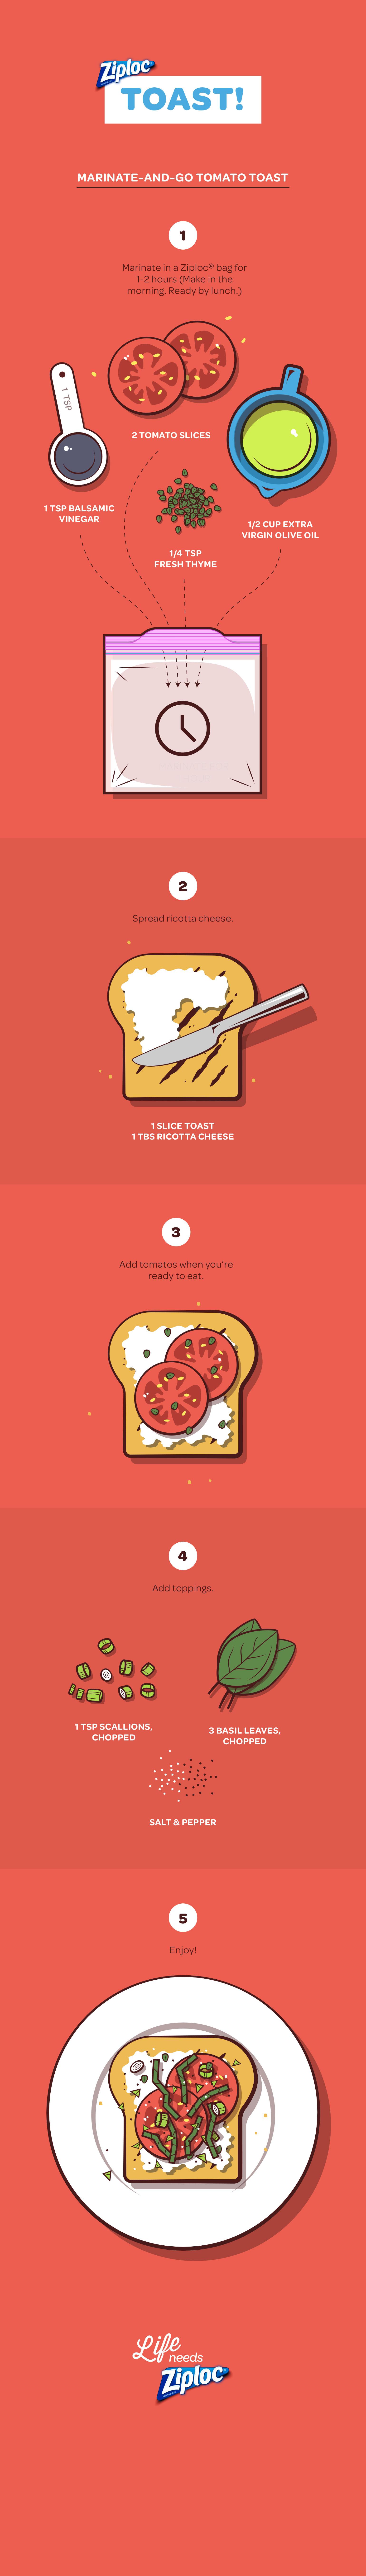 Tostada de tomate marinado para preparar y salir